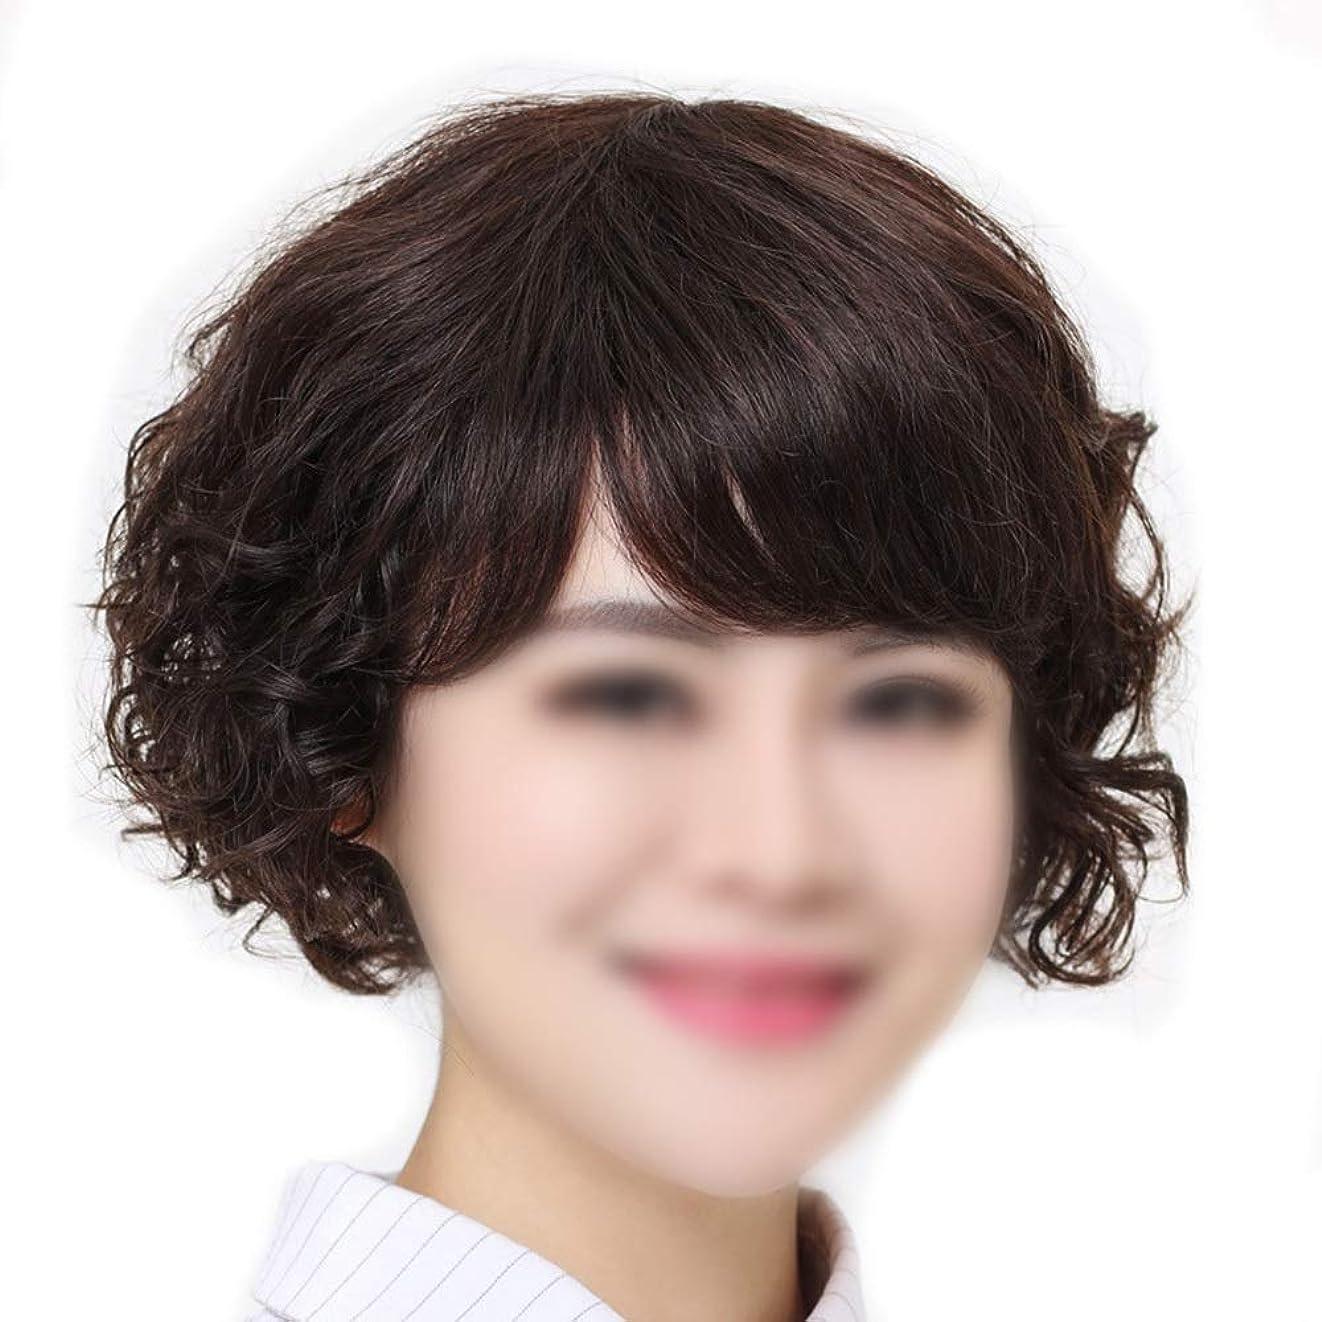 自体種類割合Yrattary 女性のためのナチュラルショートヘアエクステンションマイクロ波リアルヘアウィッグウィッグ/ウィッグパーティーかつら (Color : Dark brown, サイズ : Mechanism)